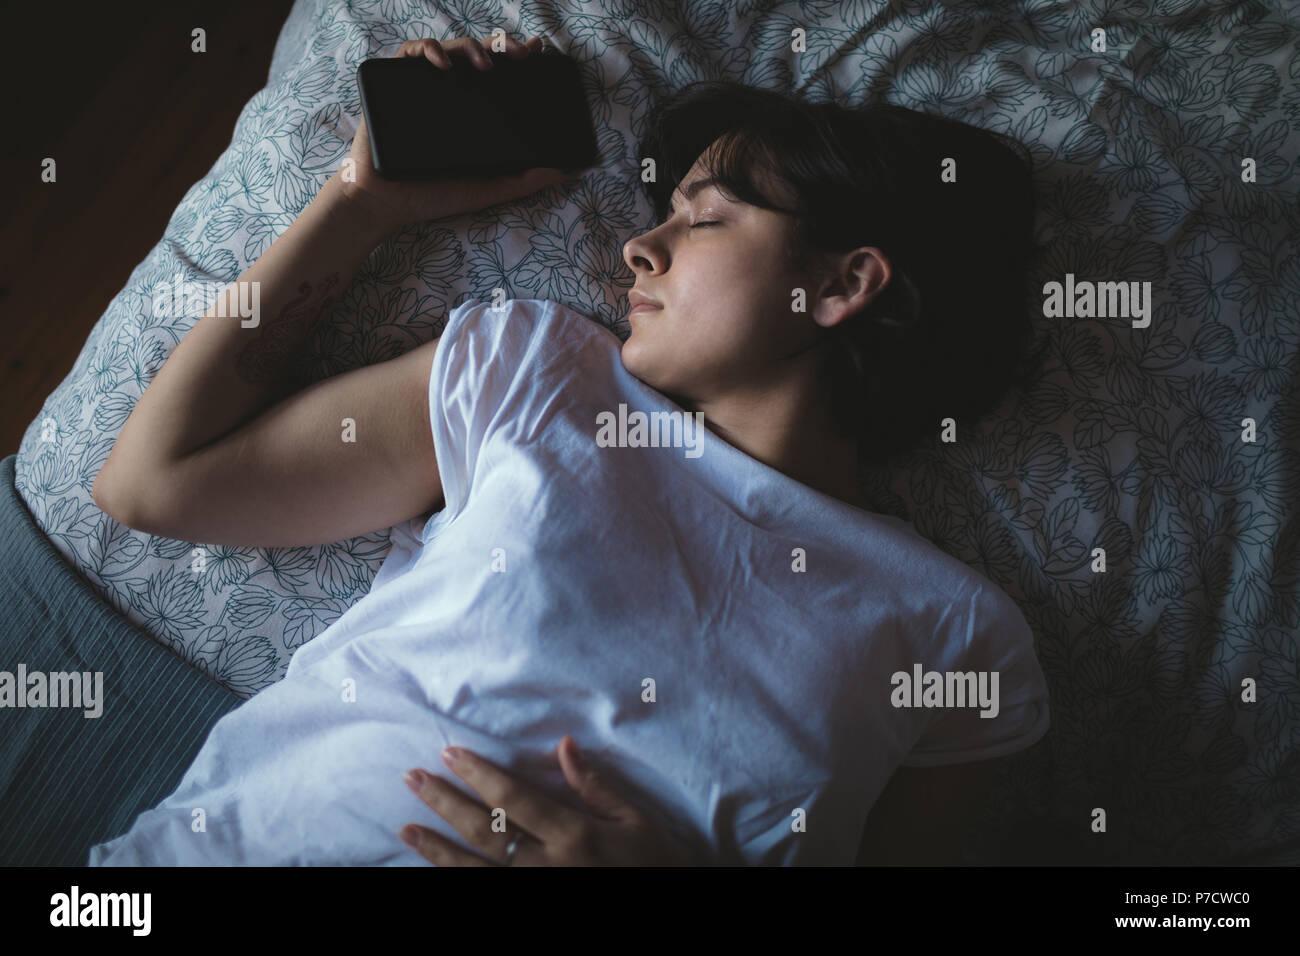 Mujer con teléfono móvil durmiendo en el dormitorio Imagen De Stock